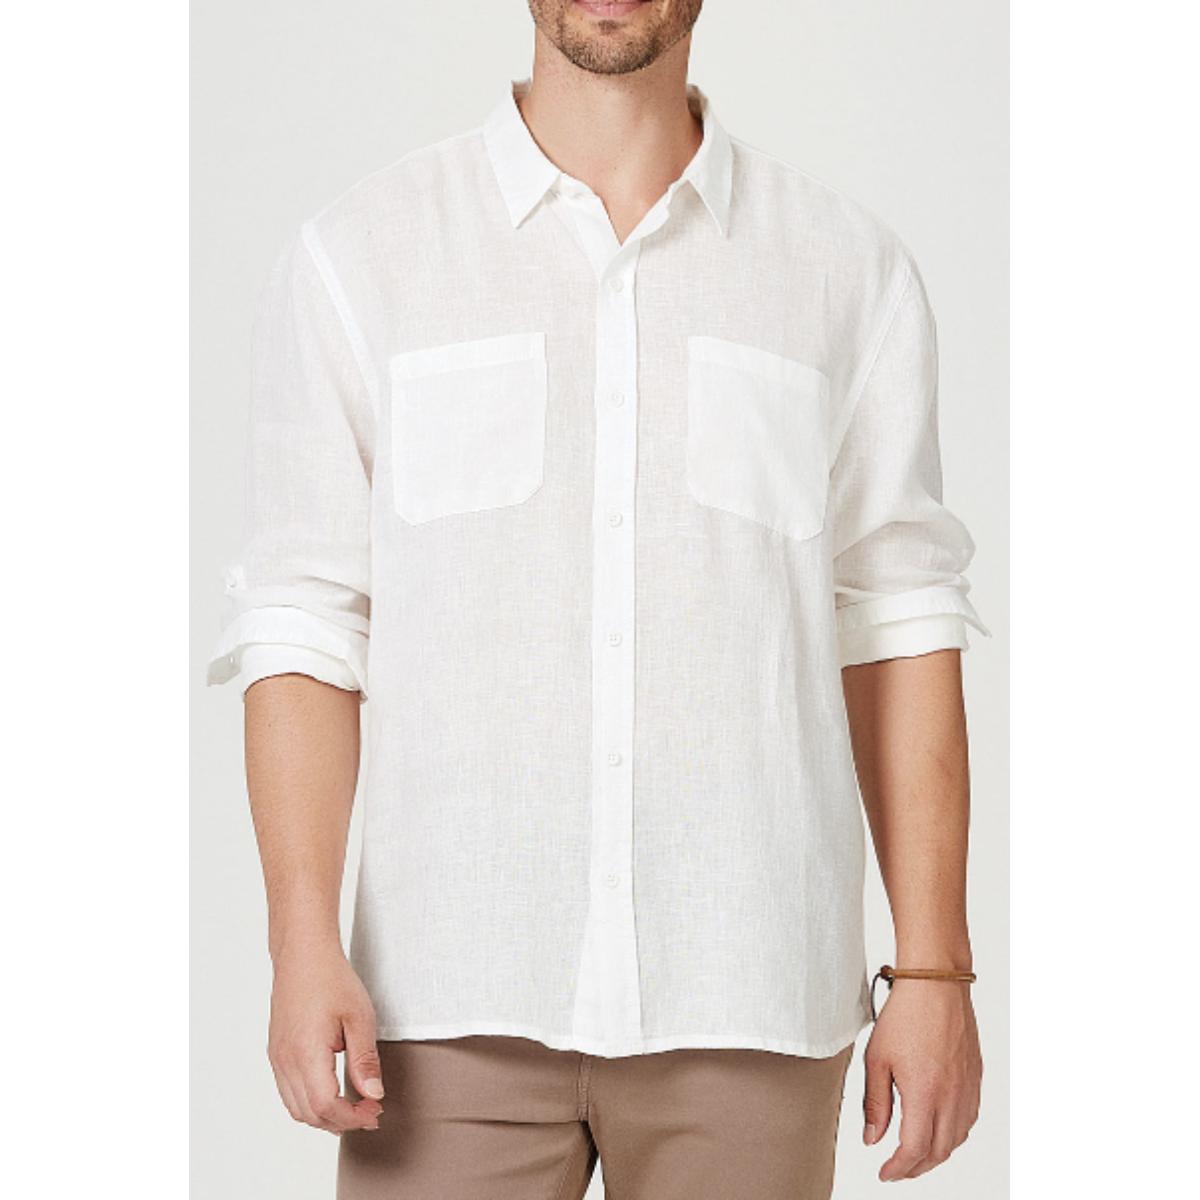 Camisa Masculina Hering Ktv7 1asi Off White